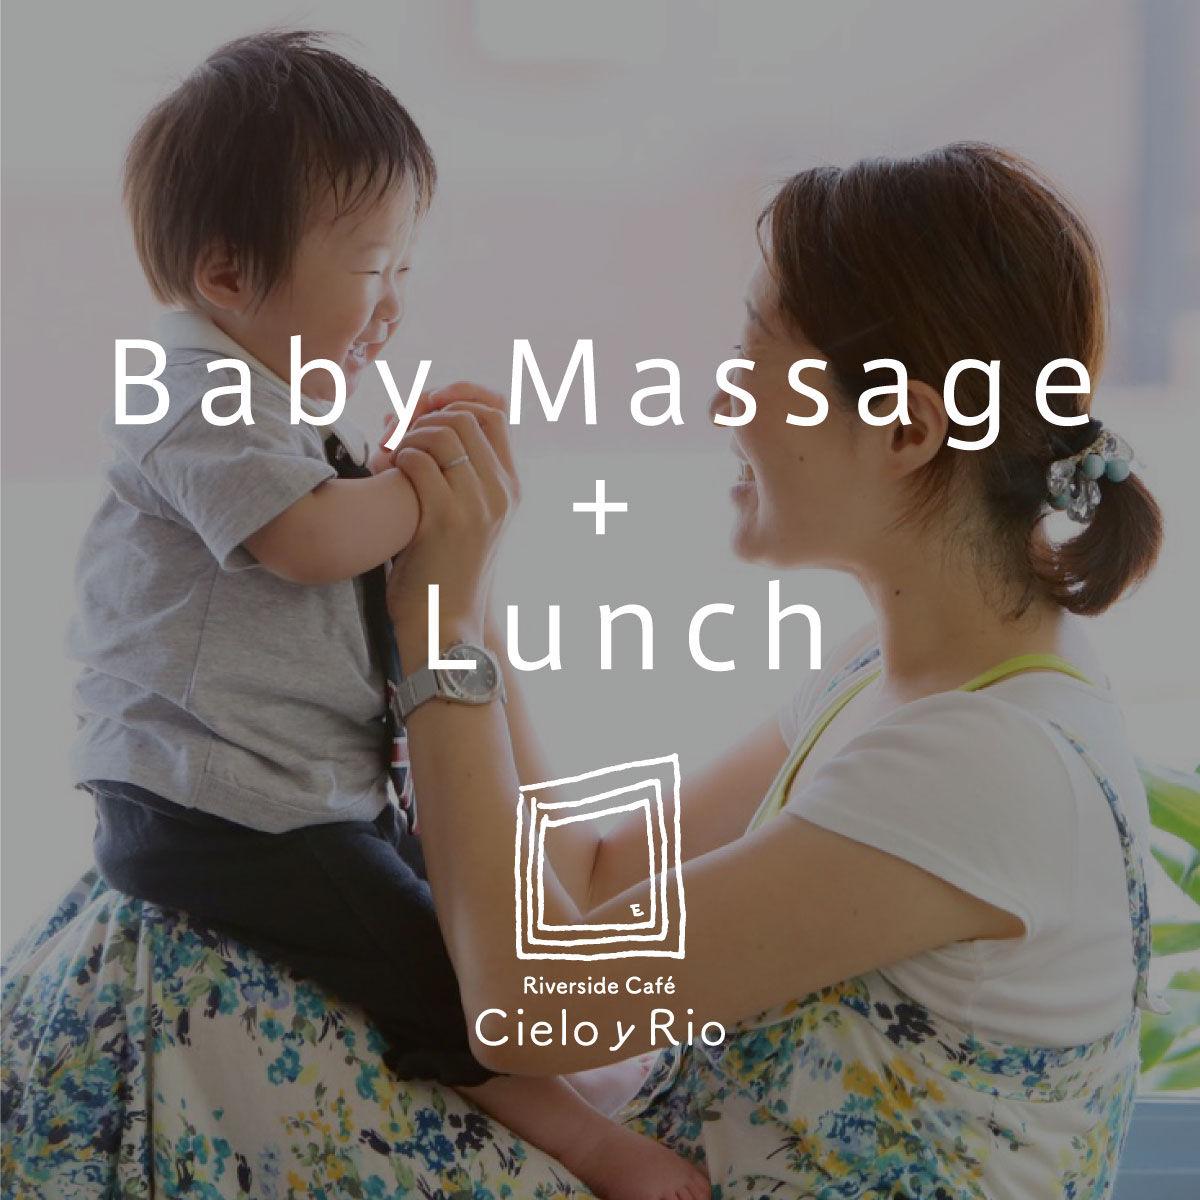 [第1・3金曜日 開催]Baby Massage + Lunch @蔵前Cielo y Rio